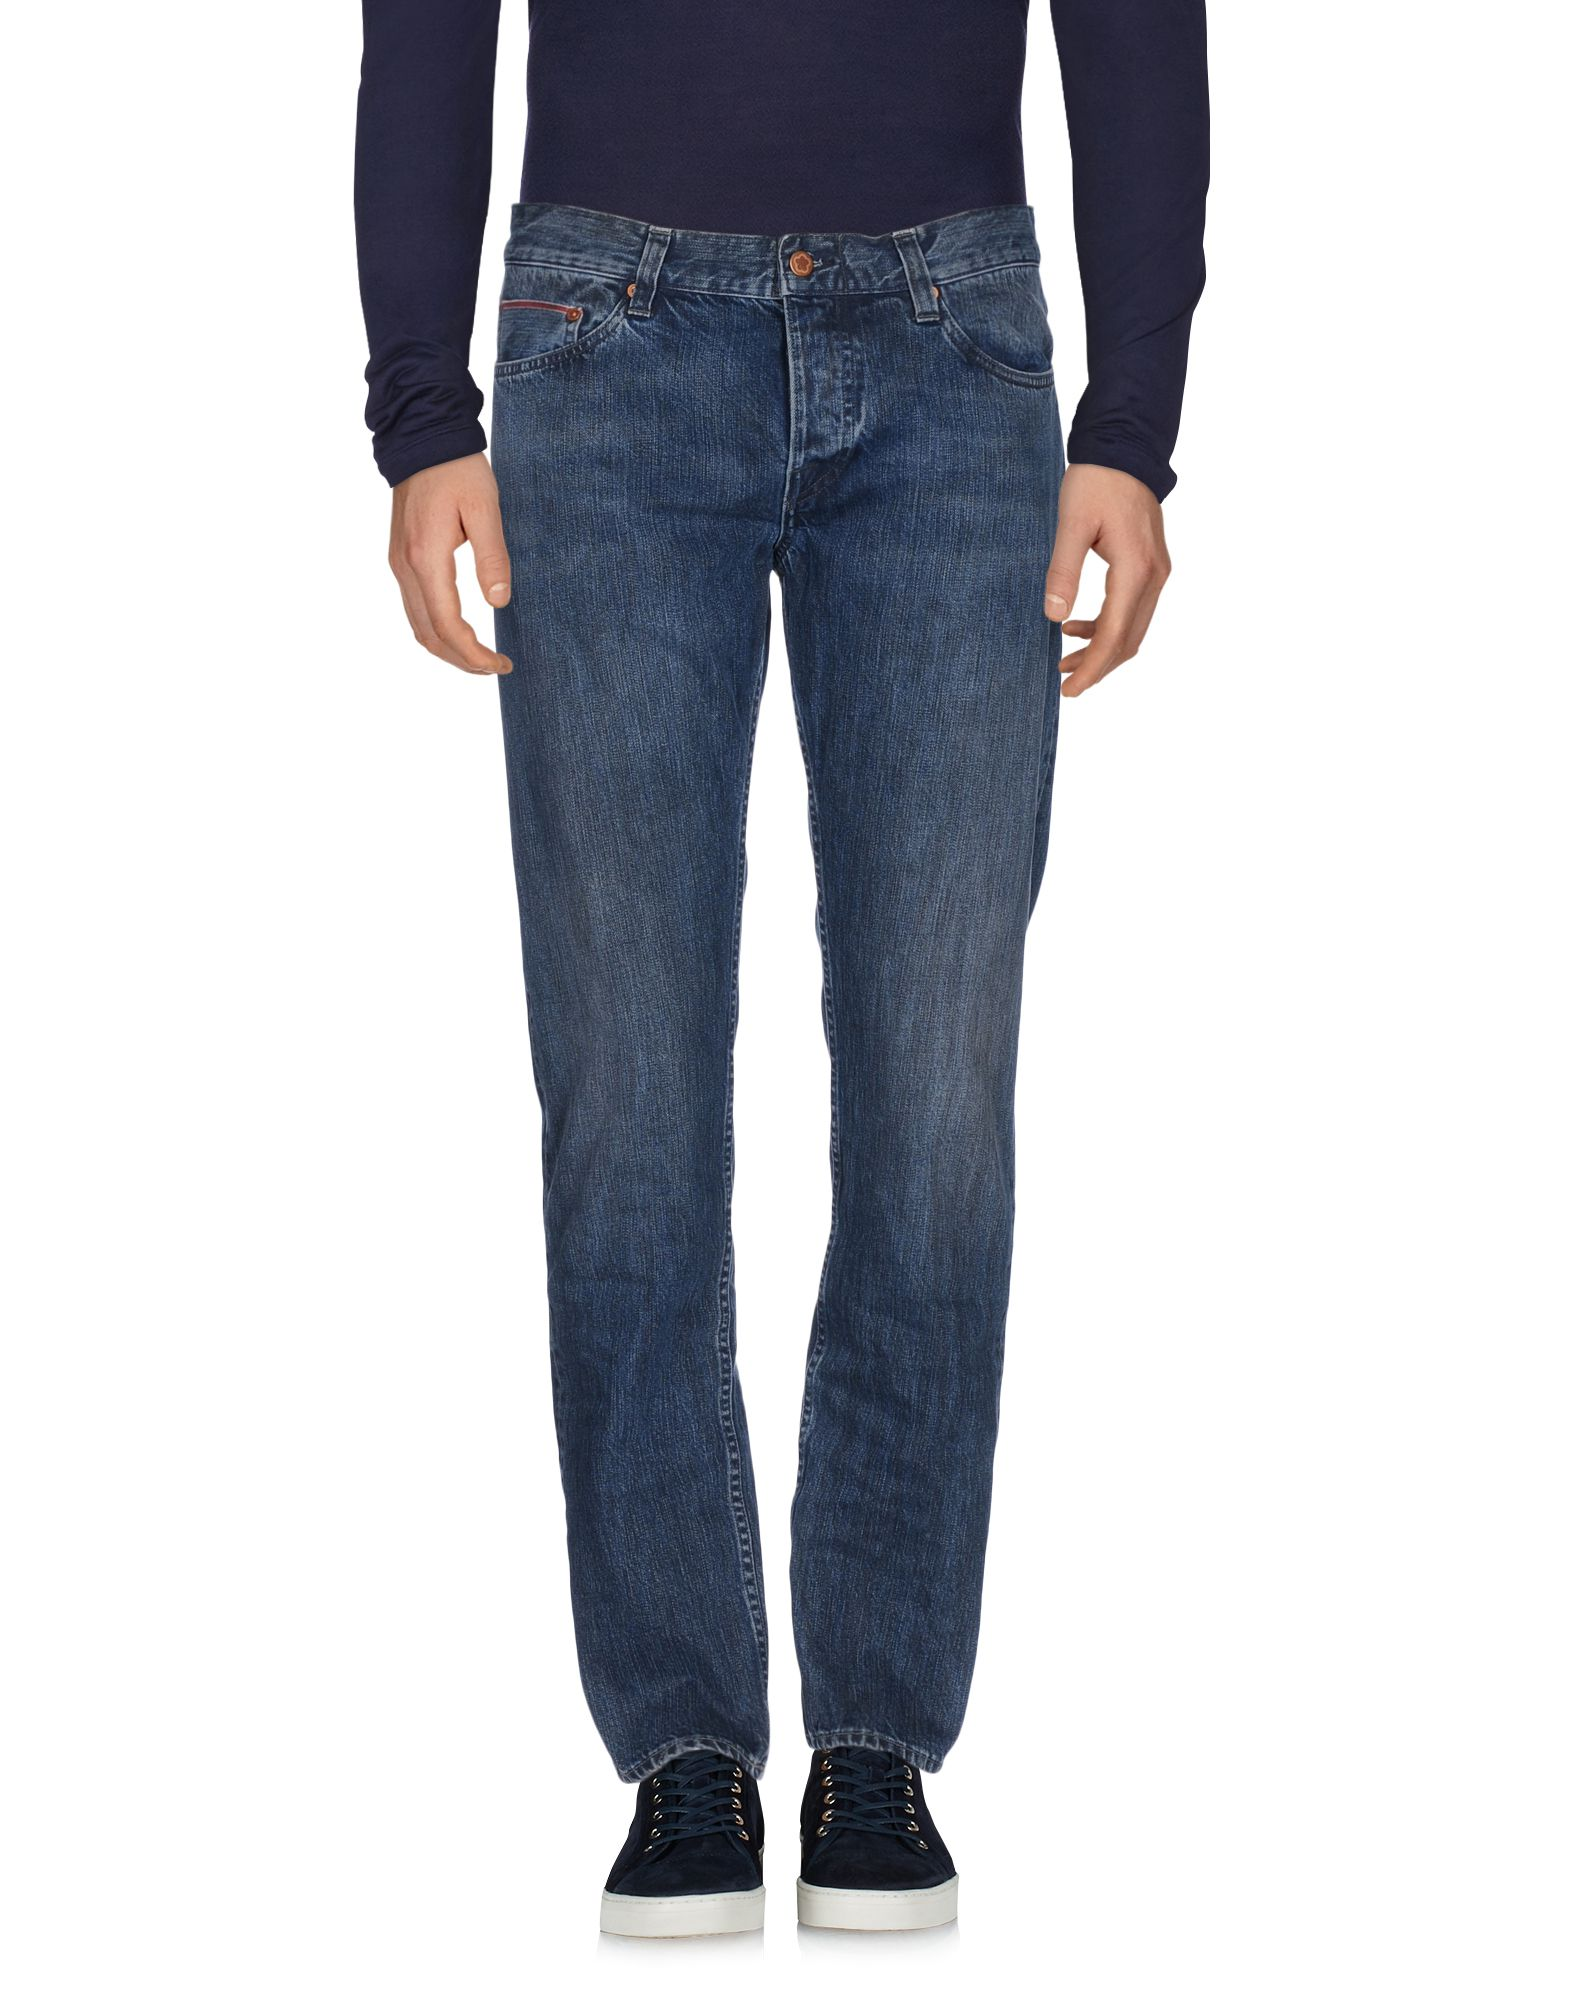 ФОТО care label джинсовые брюки